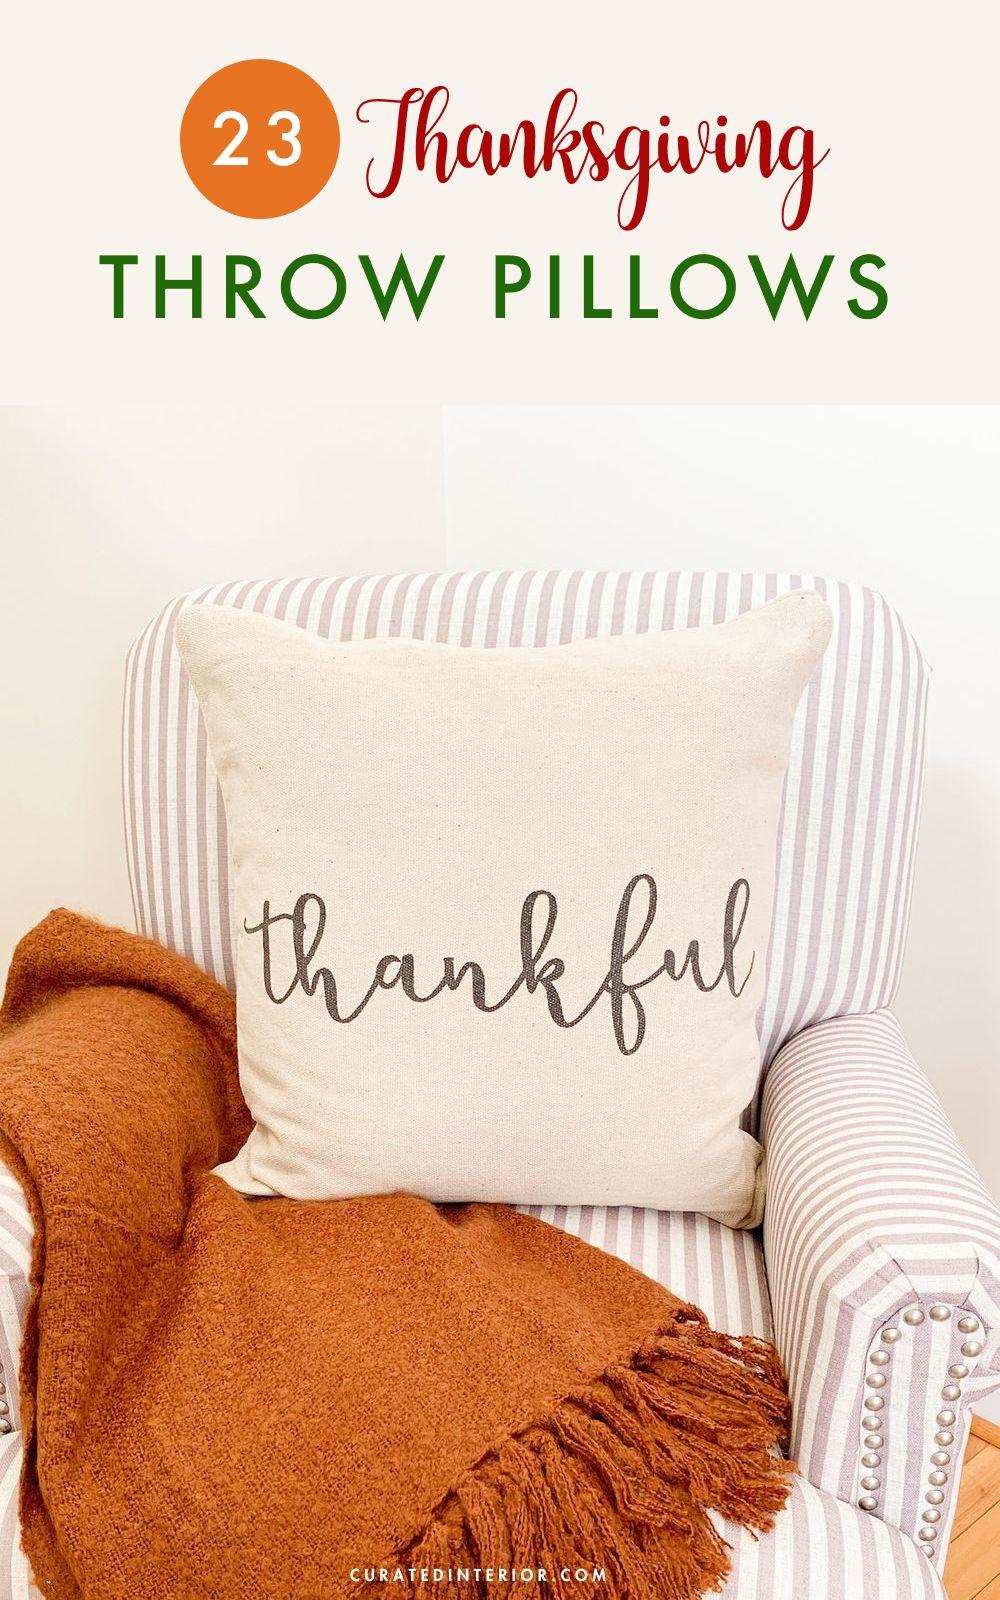 23 Thanksgiving Throw Pillows You'll Love!